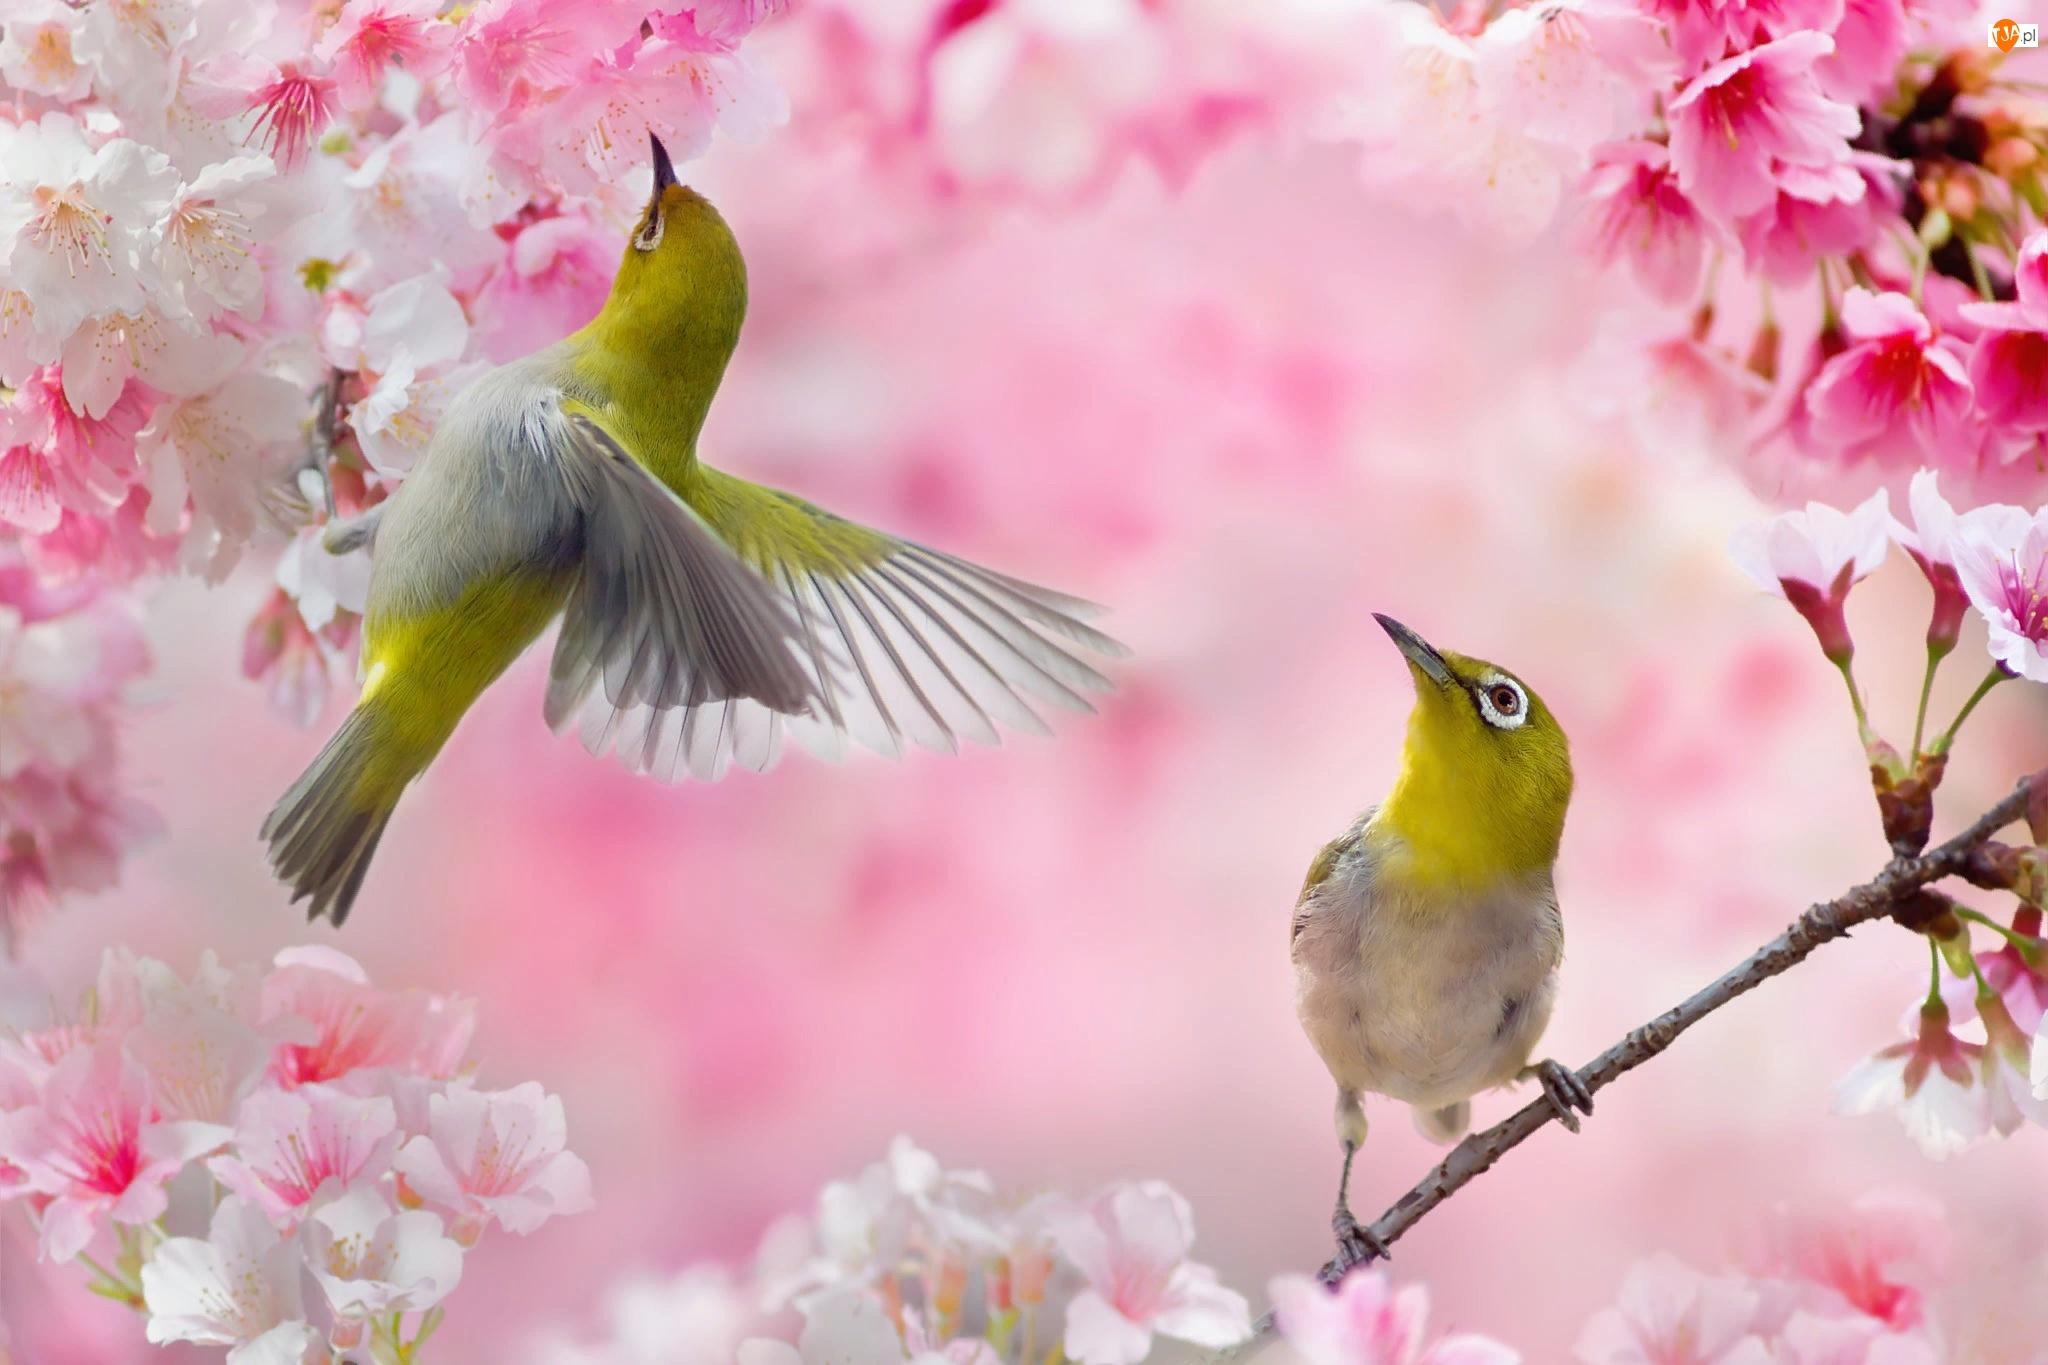 Ptaki, Szlarniki, Kwiaty, Dwa, Różowe, Gałązki, Okwiecone